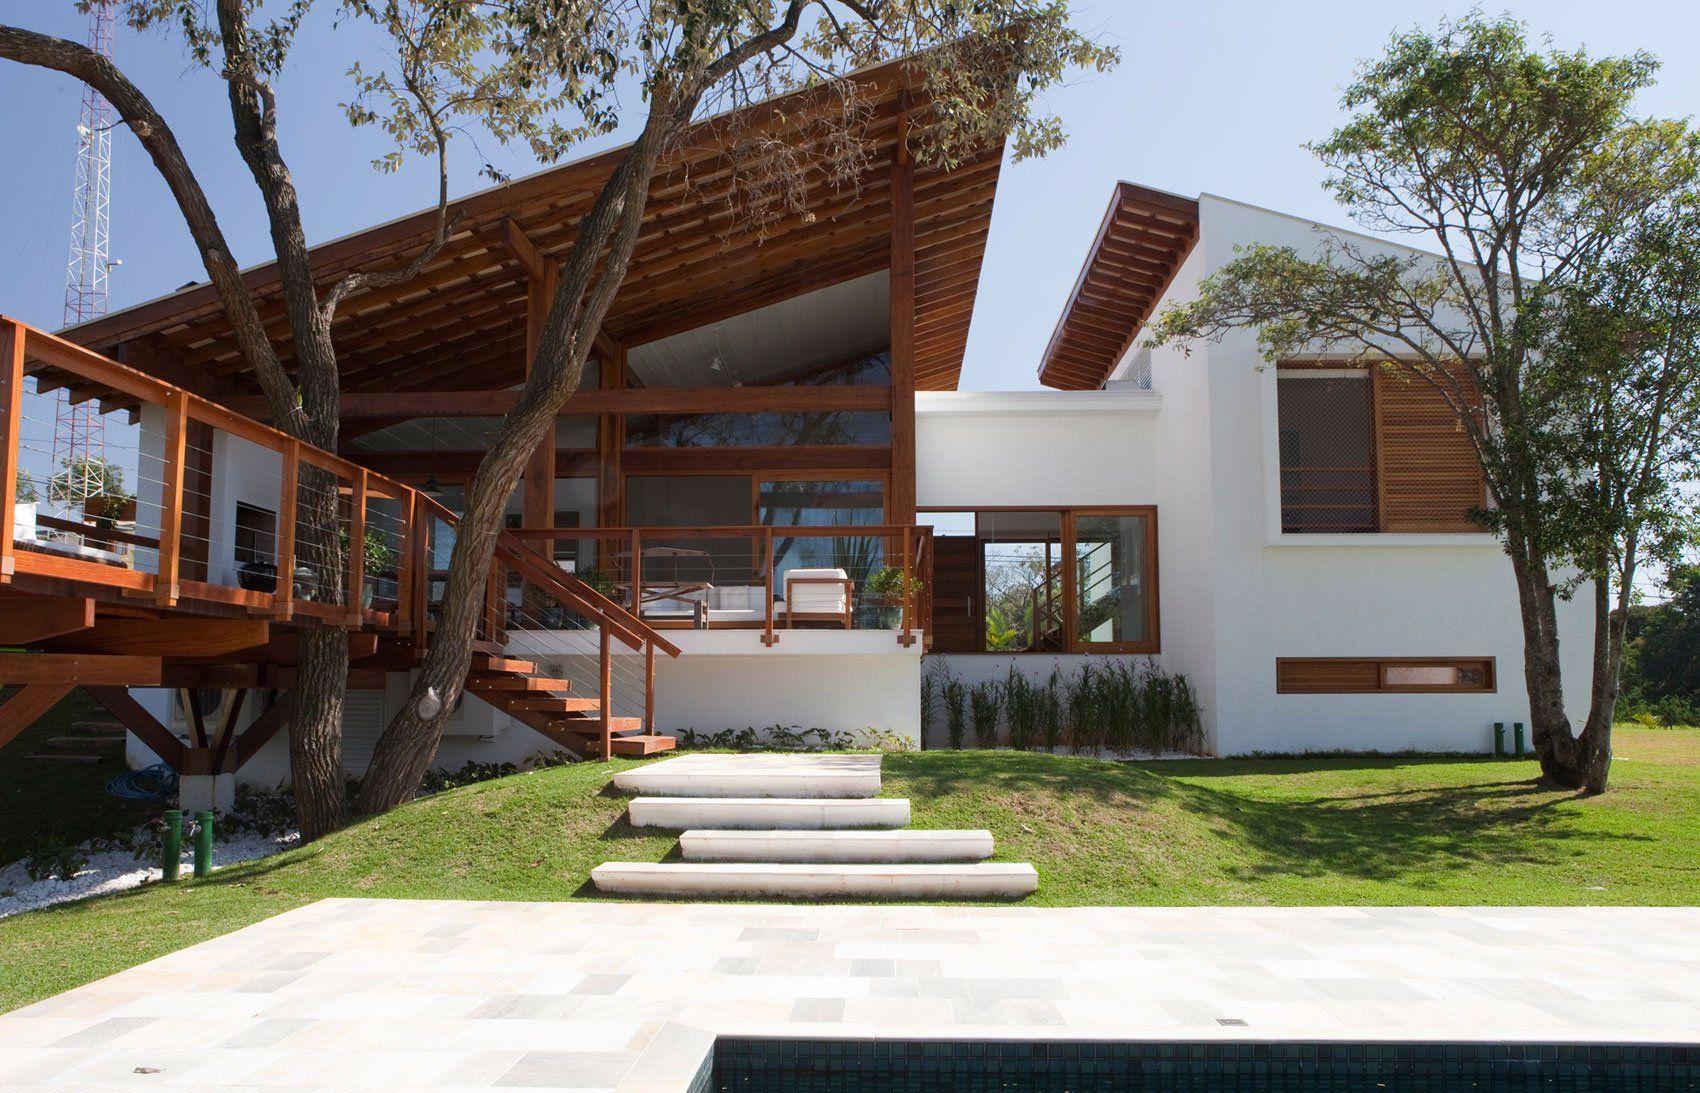 Hermosa fachada de casa de campo moderna arquitectura for Fachada de casas